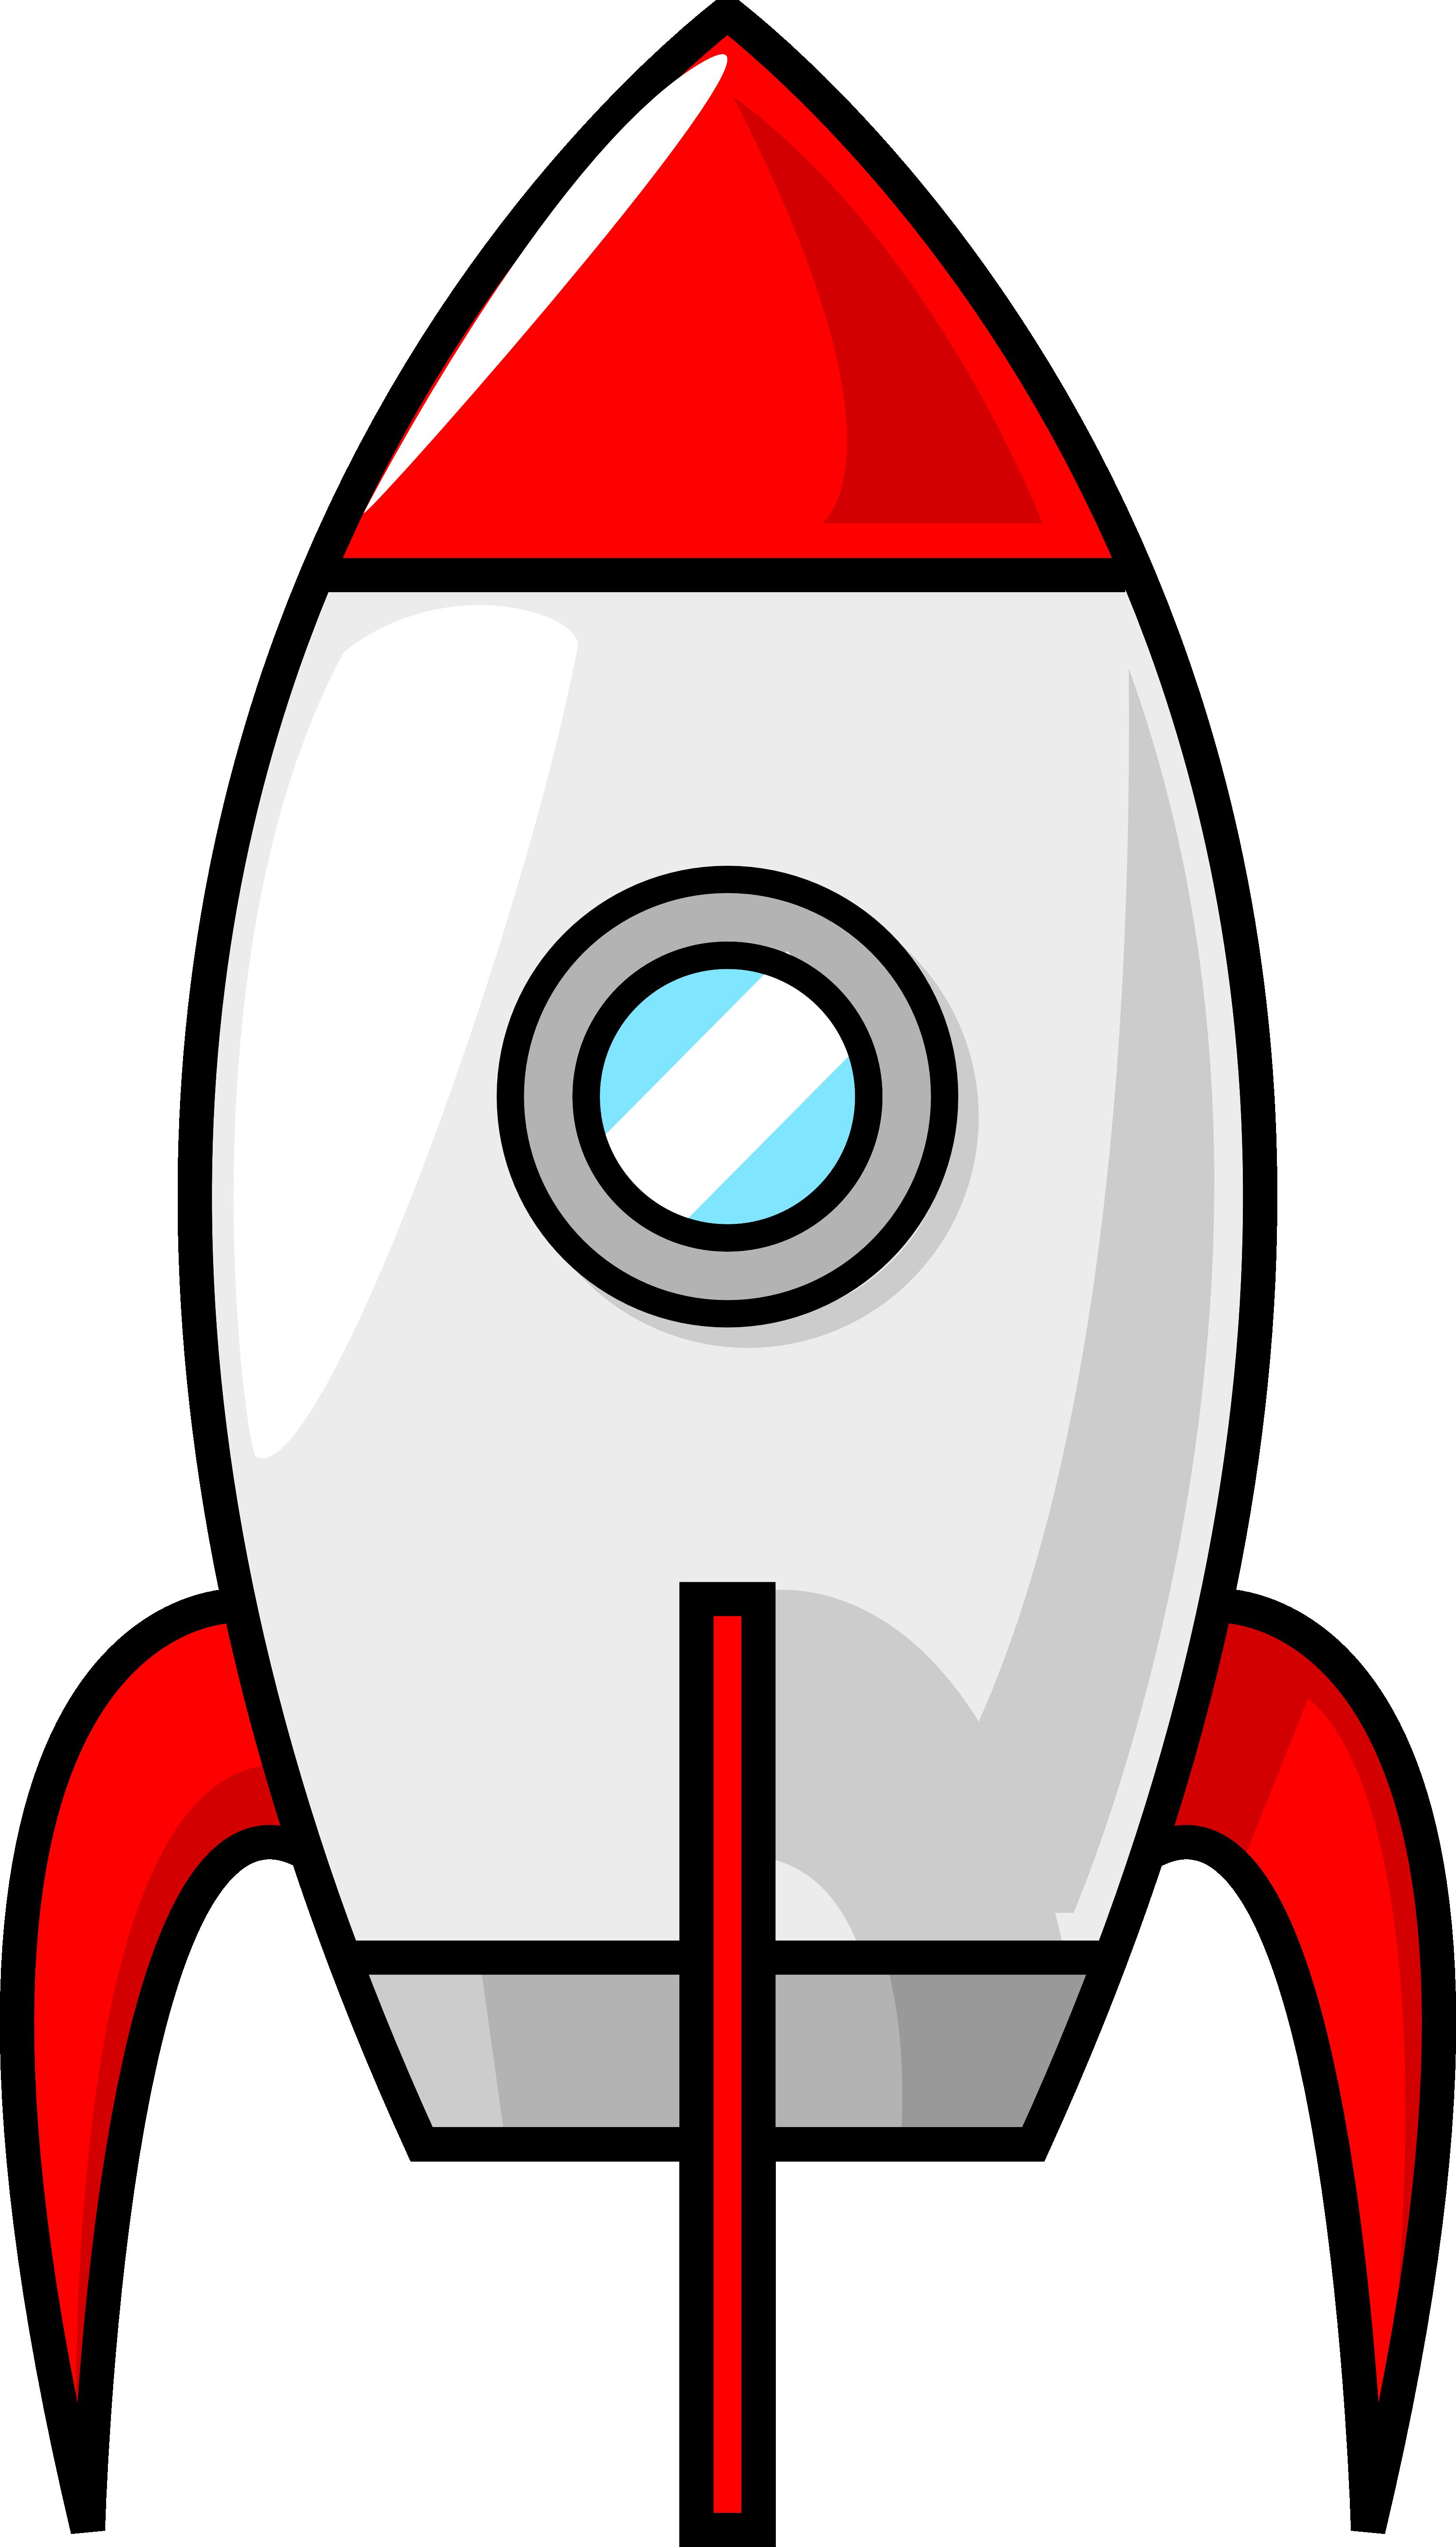 Iron electronics